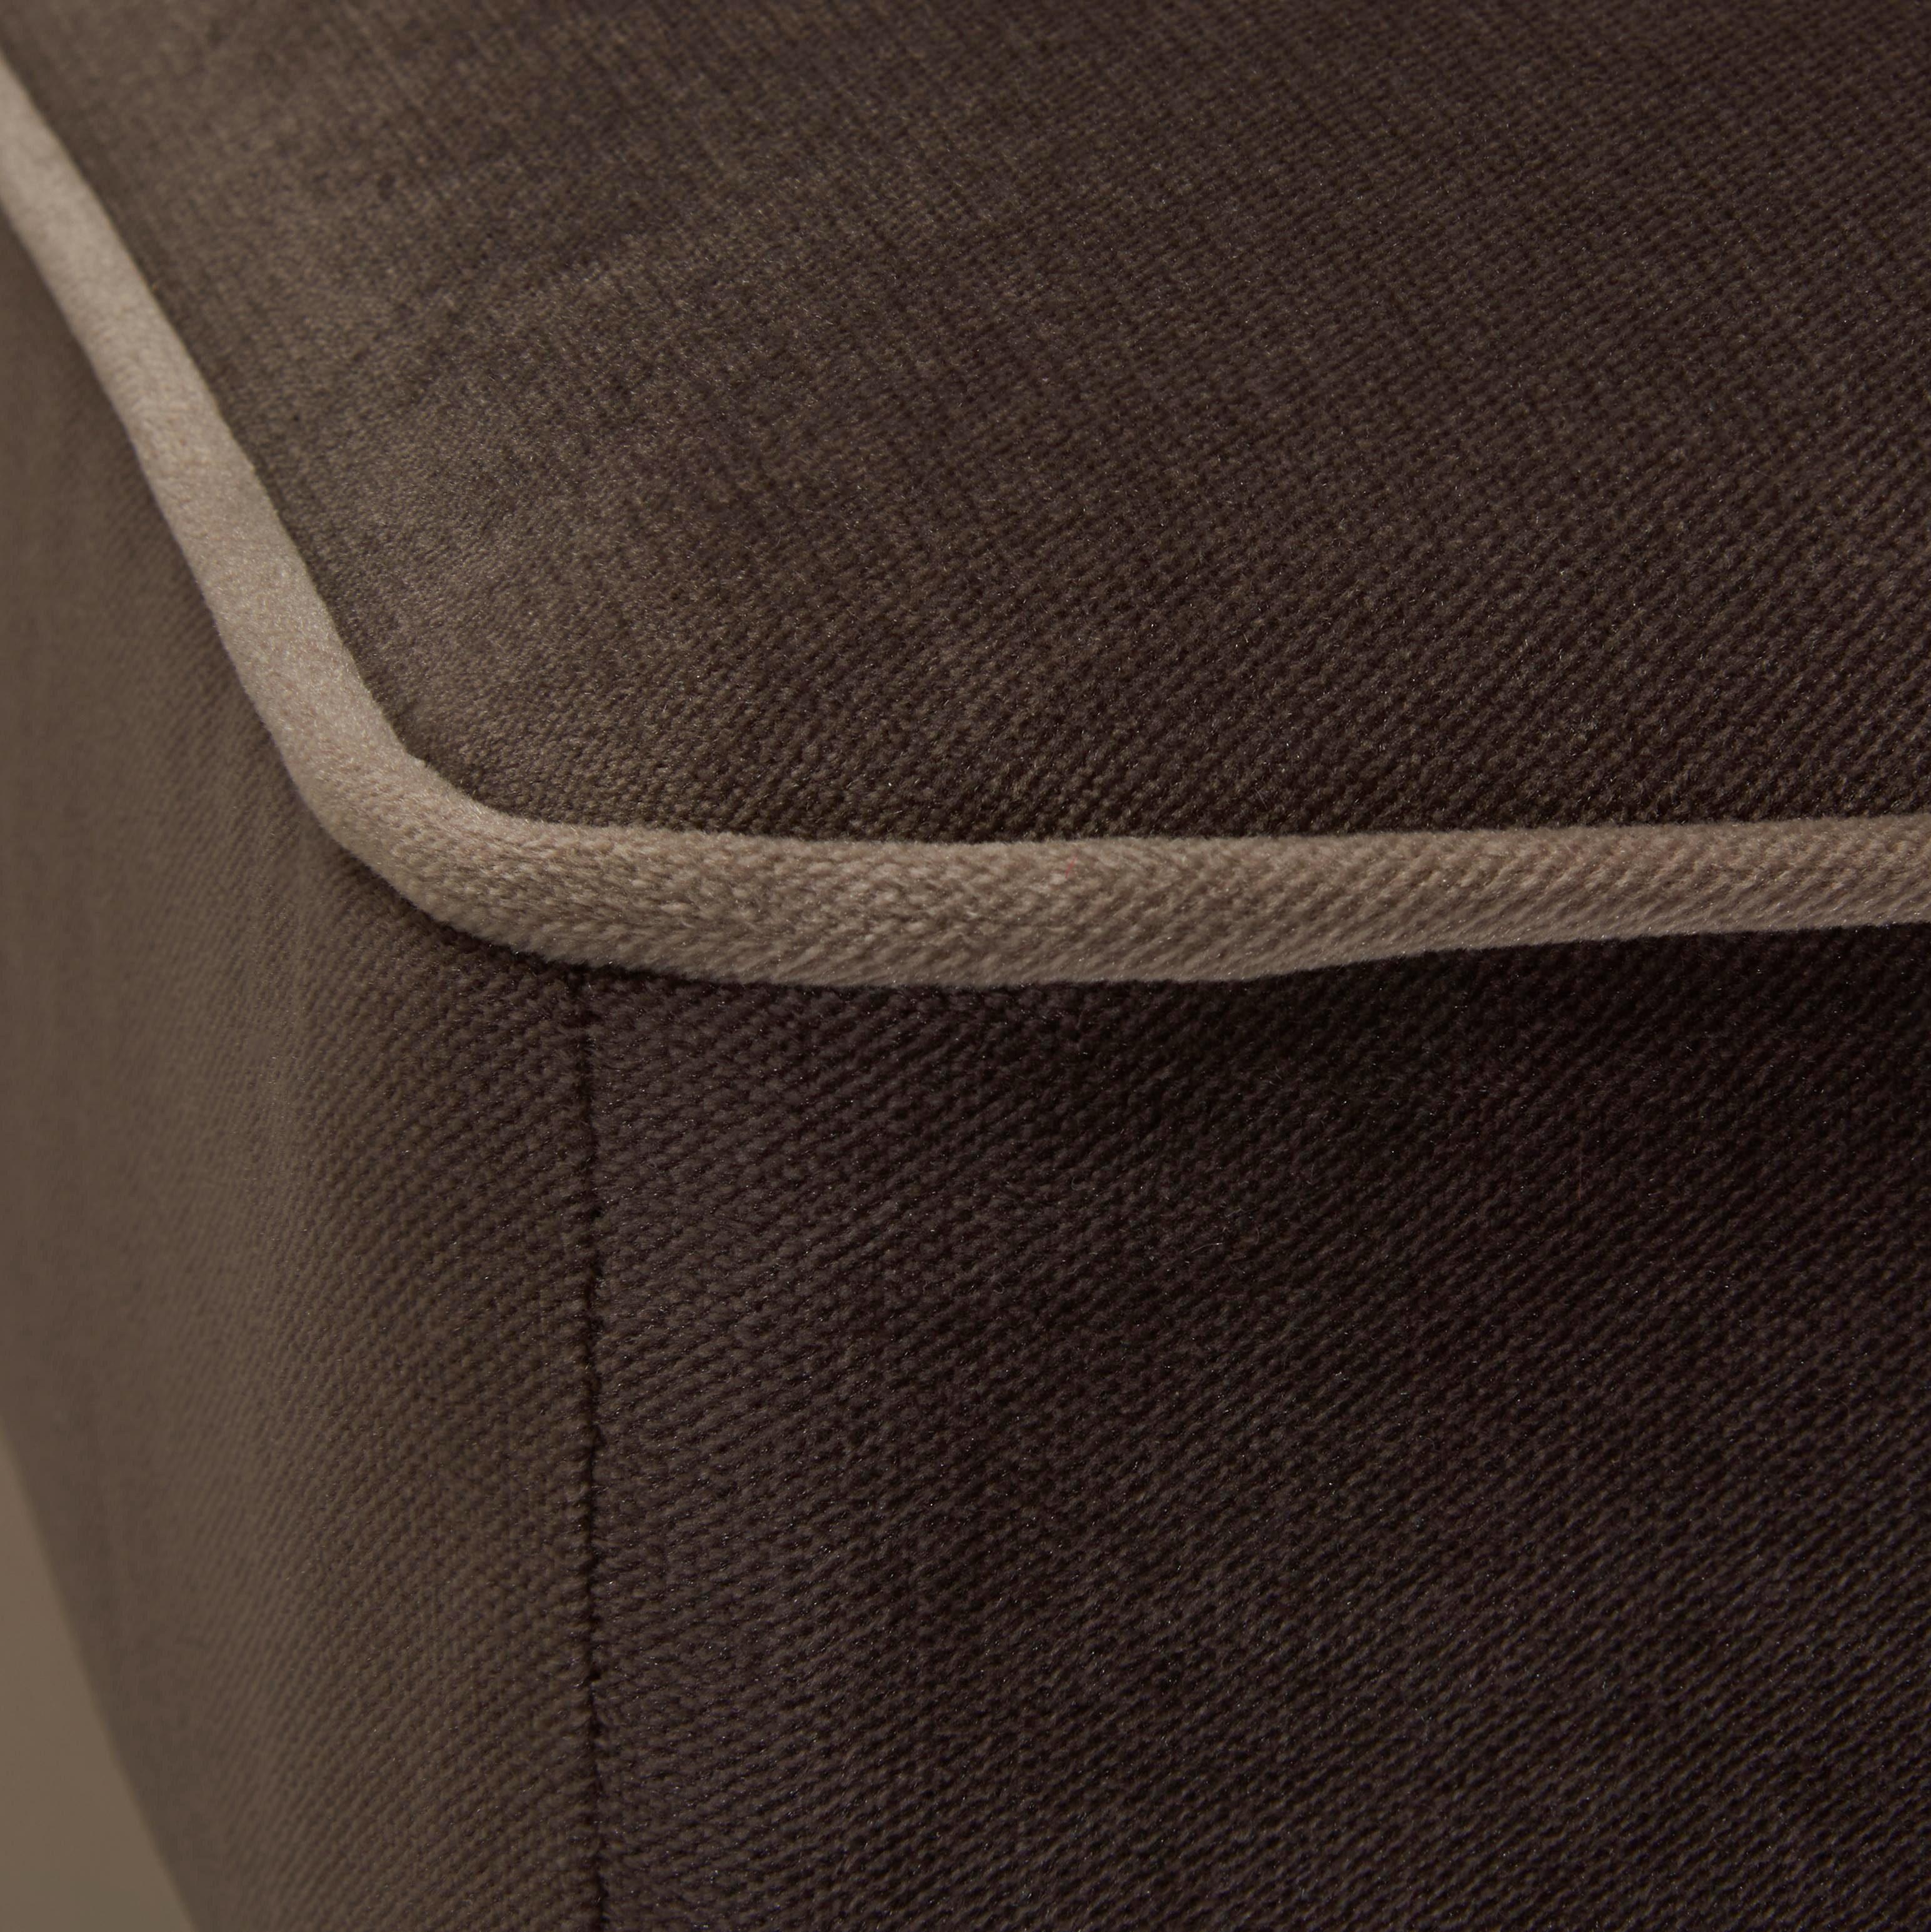 ÖRONLAPPSFÅTÖLJ - brun/ljusgrå, Trend, textil/plast (108/113/142cm) - Hom`in